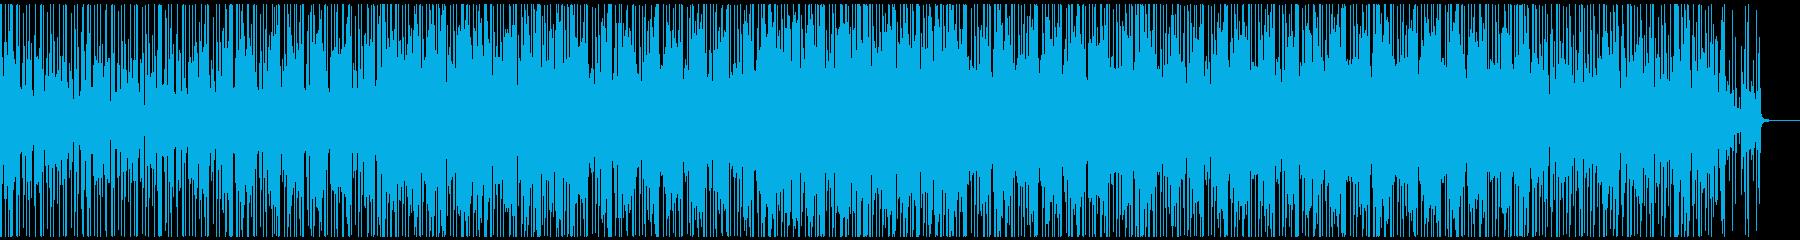 淡々としたカッティングギターのBGMの再生済みの波形